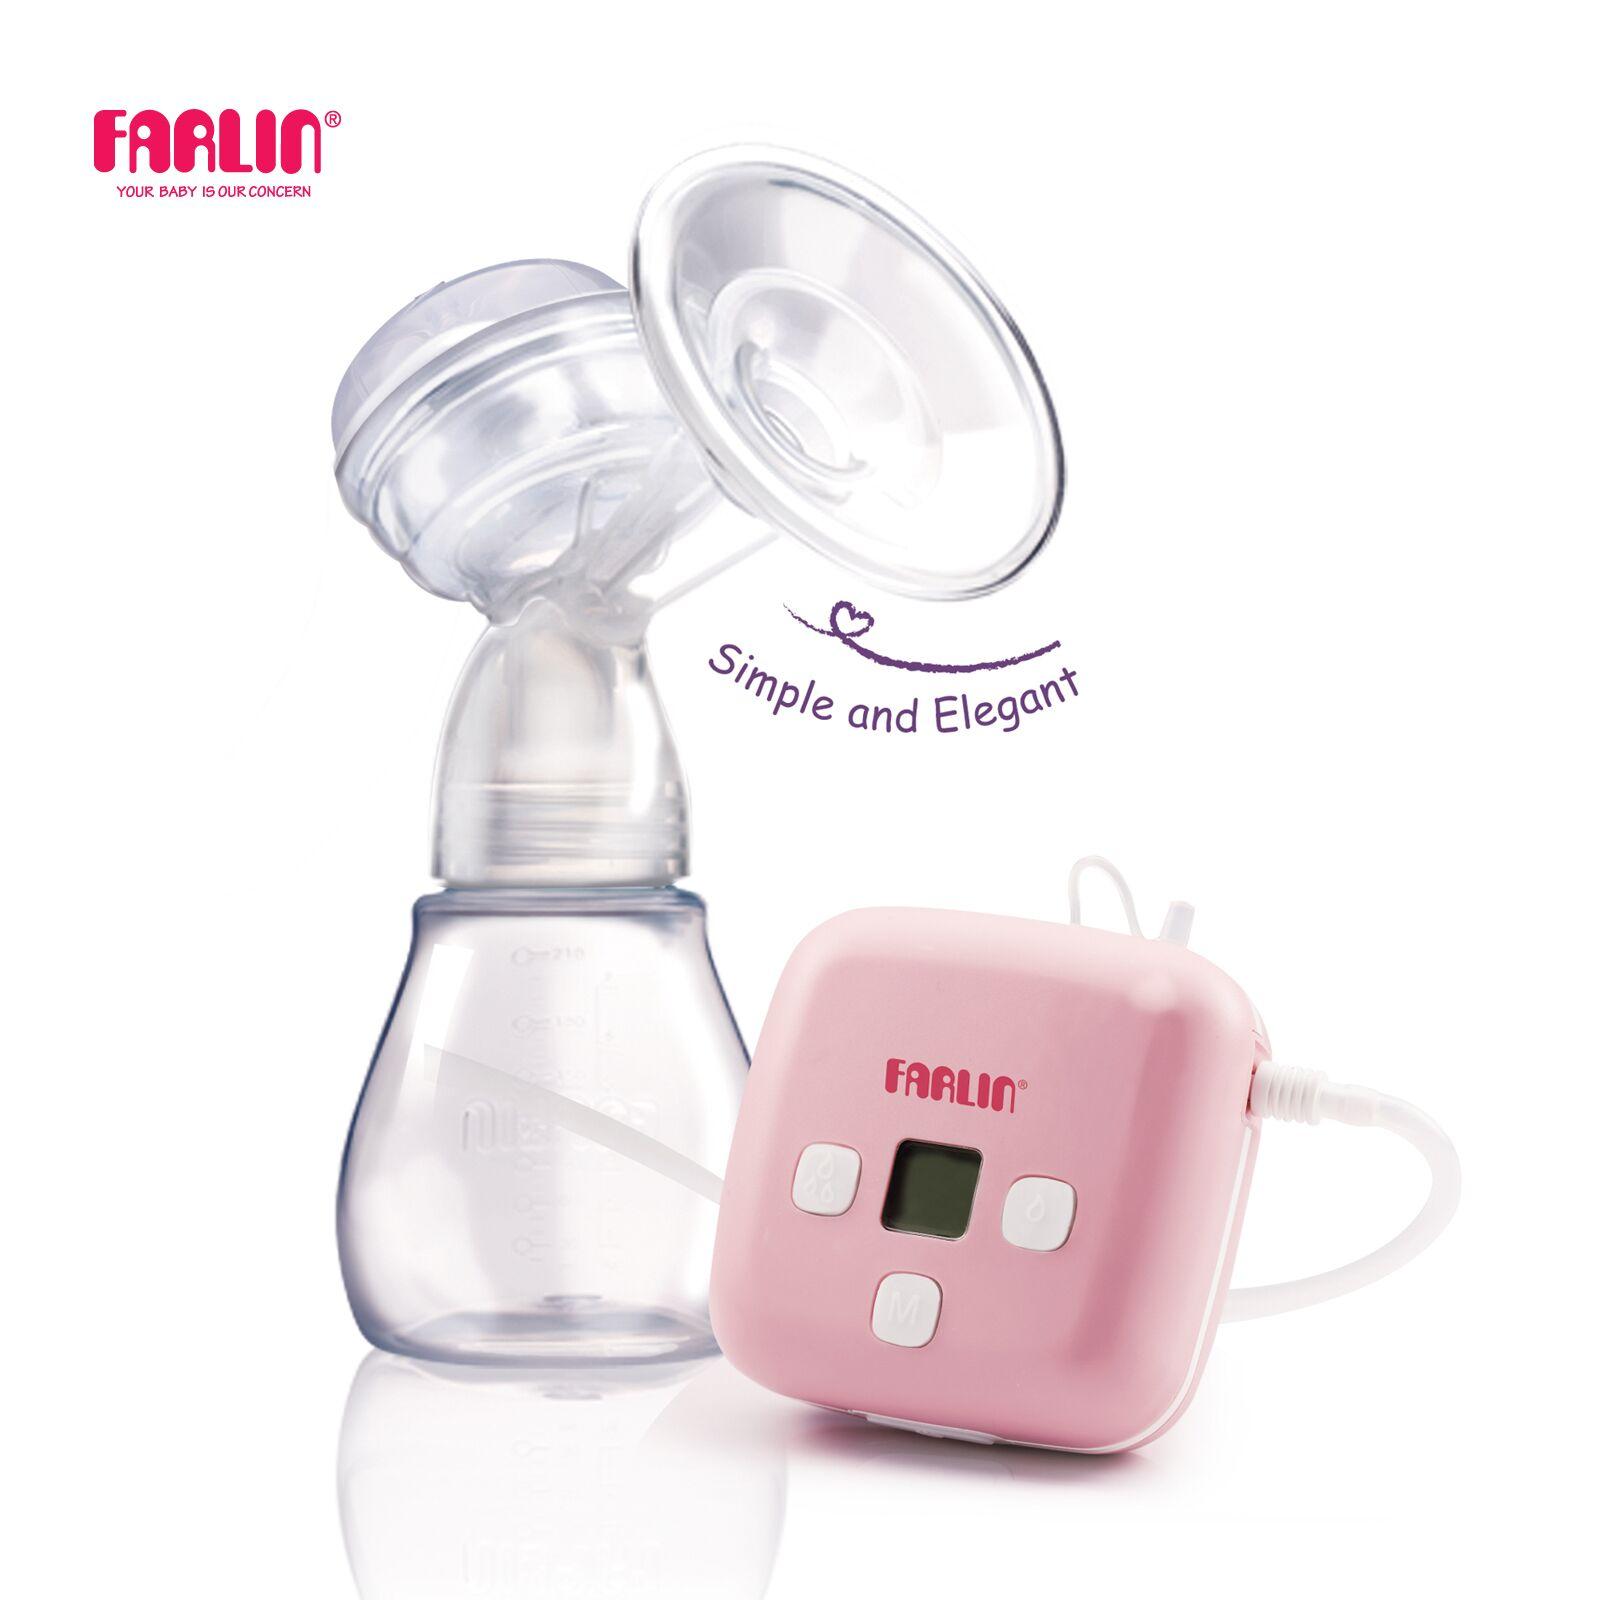 Ele-Cube 2-in-1 Breast pump